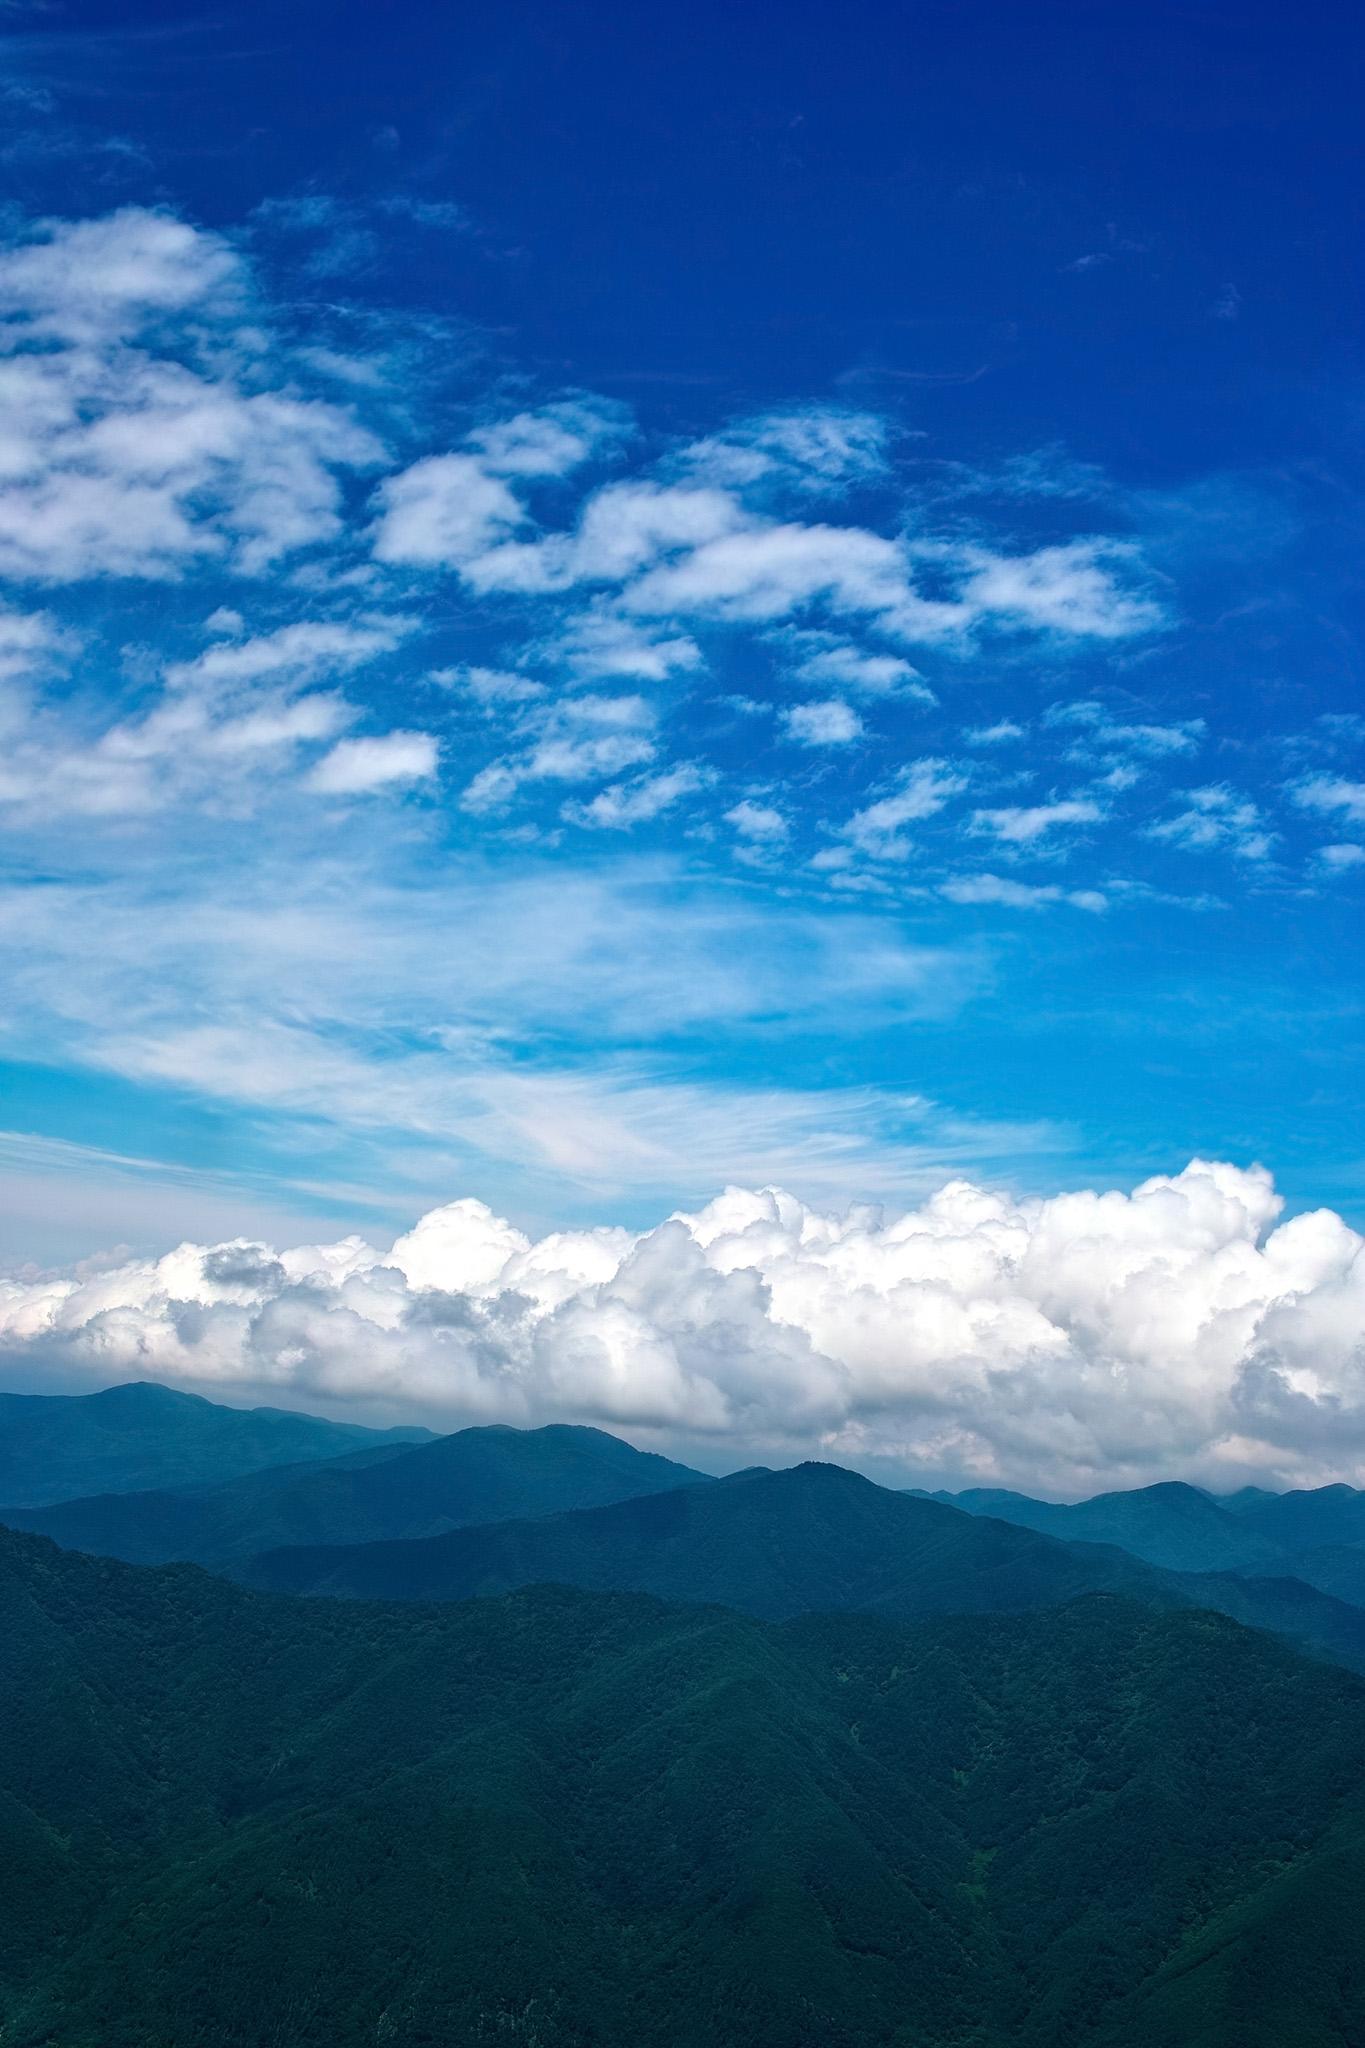 「夏空の下に広がる新緑の山々」の画像を無料ダウンロード